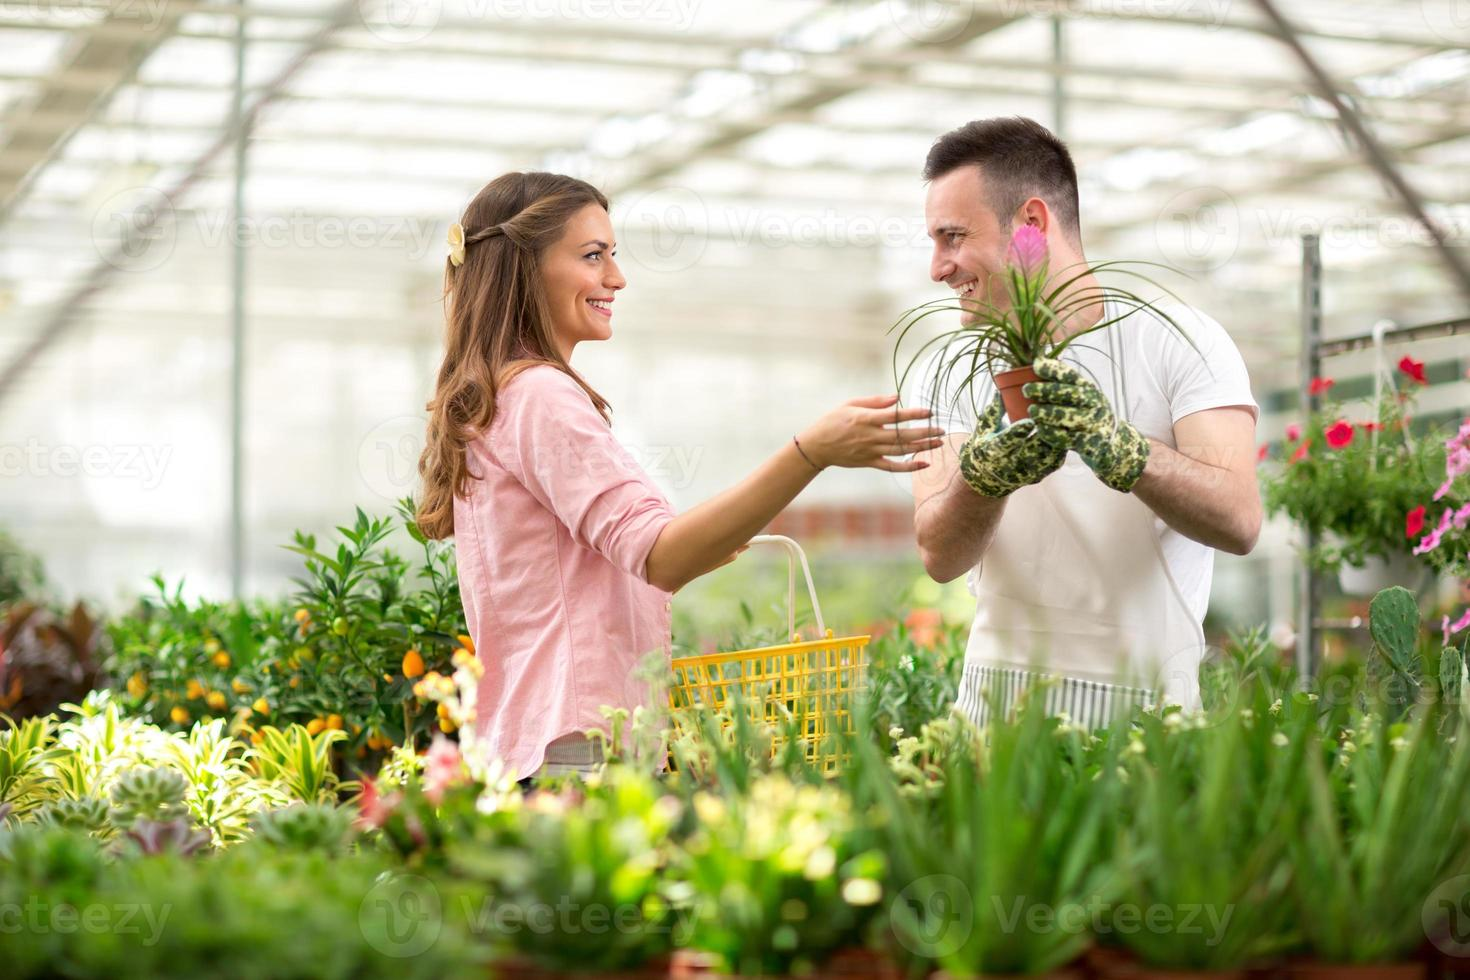 Verkäufer empfehlen Blumen in Gewächshäusern foto